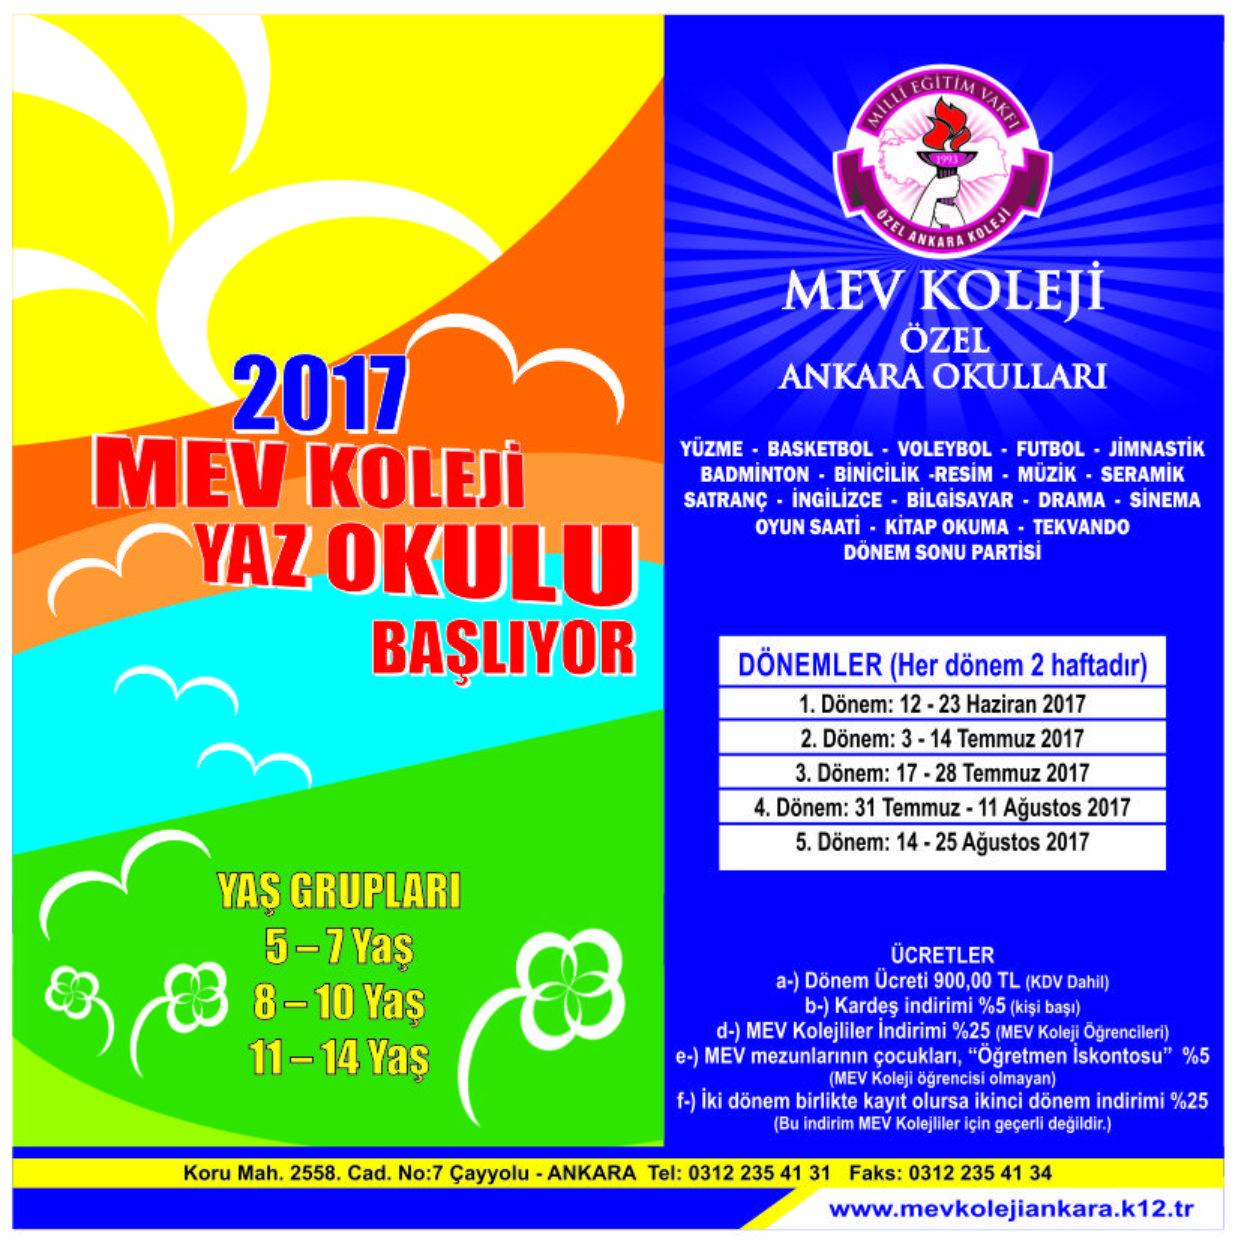 MEV Koleji Yaz Okulu Başlıyor